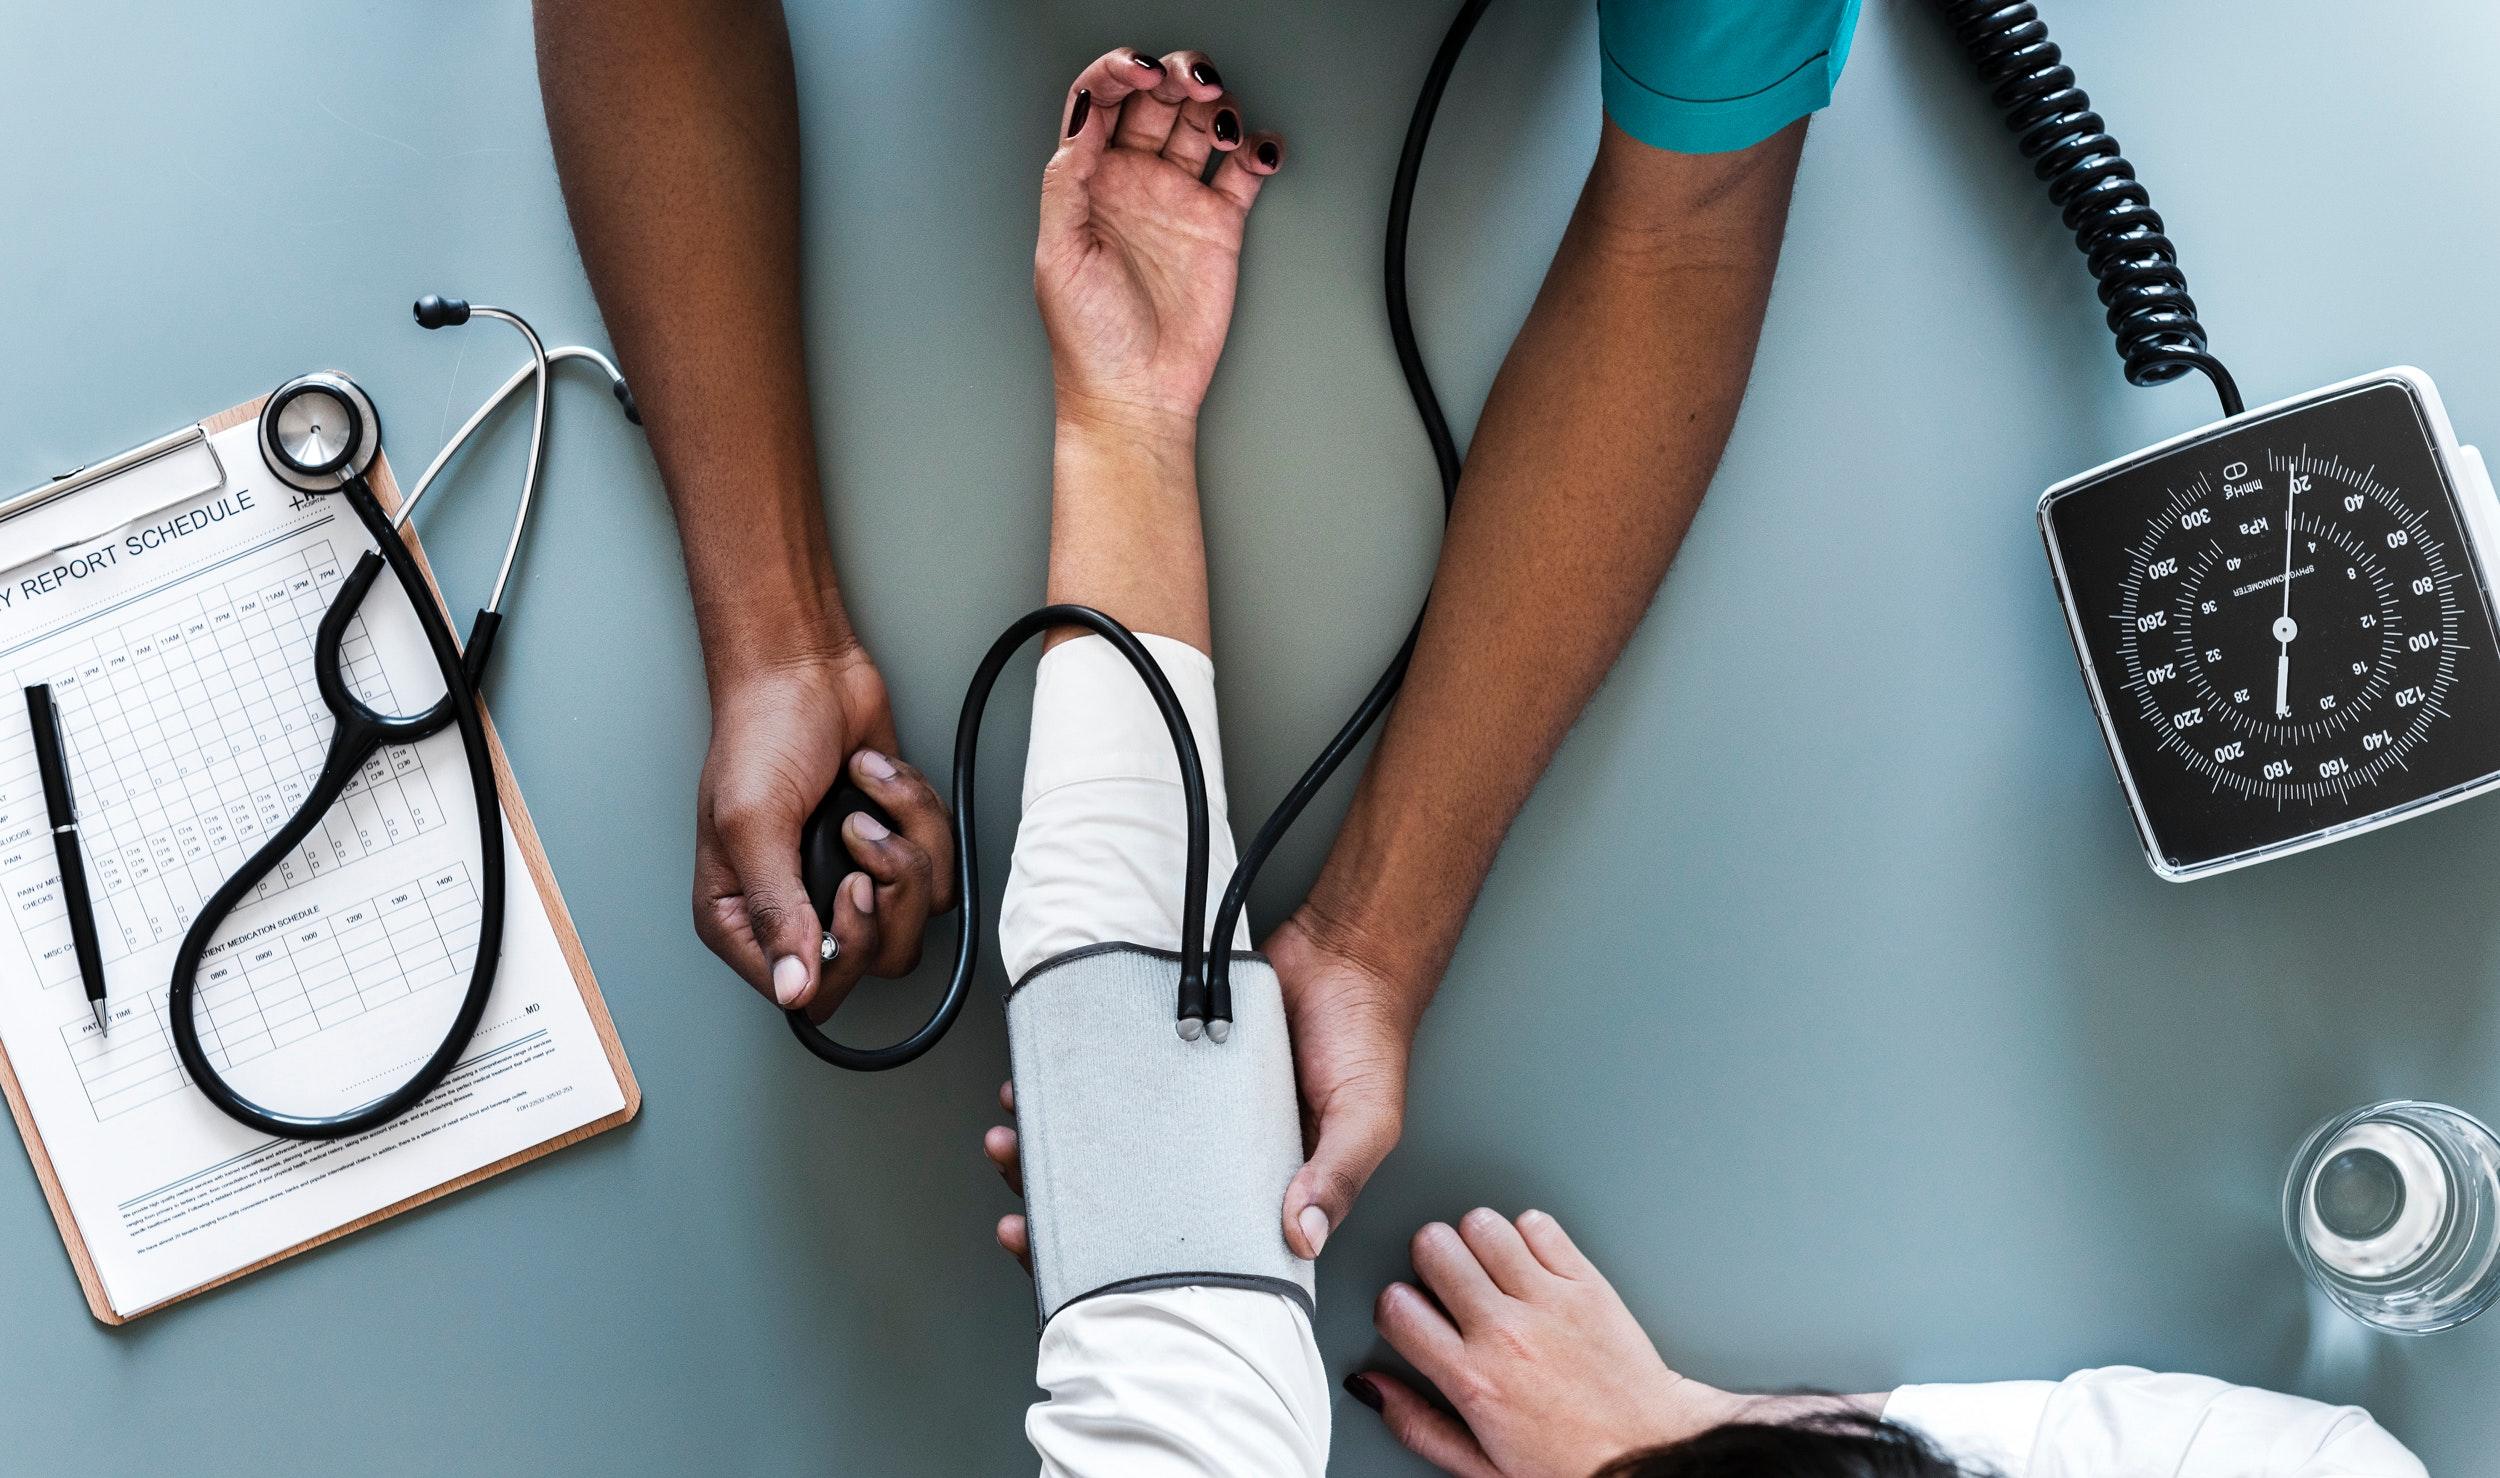 care-check-checkup-905874-min